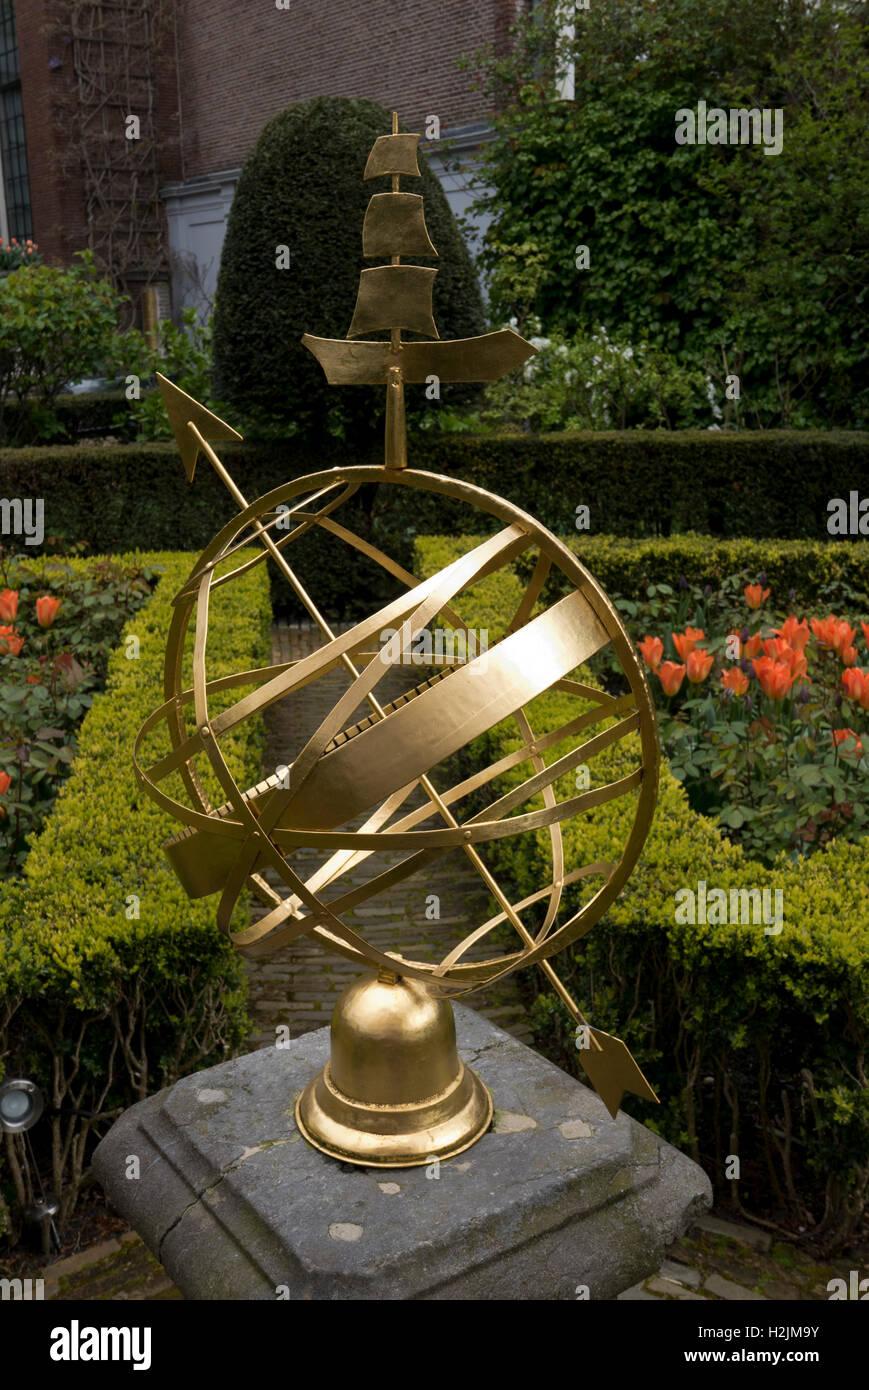 Sundial Dutch Garden Europe Stock Photos & Sundial Dutch Garden ...